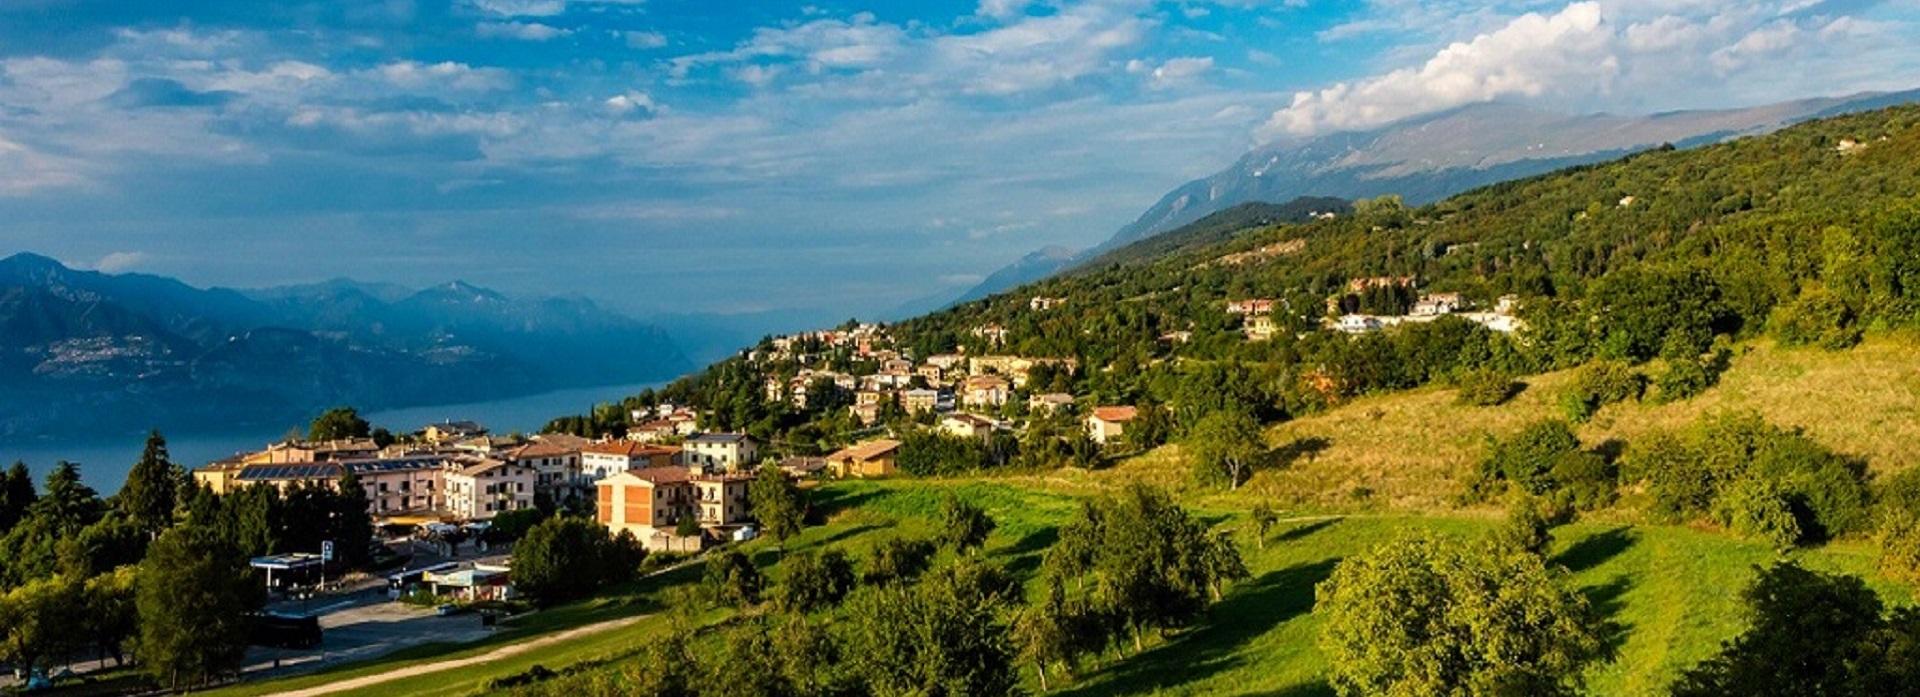 9 Comune di San Zeno di Montagna